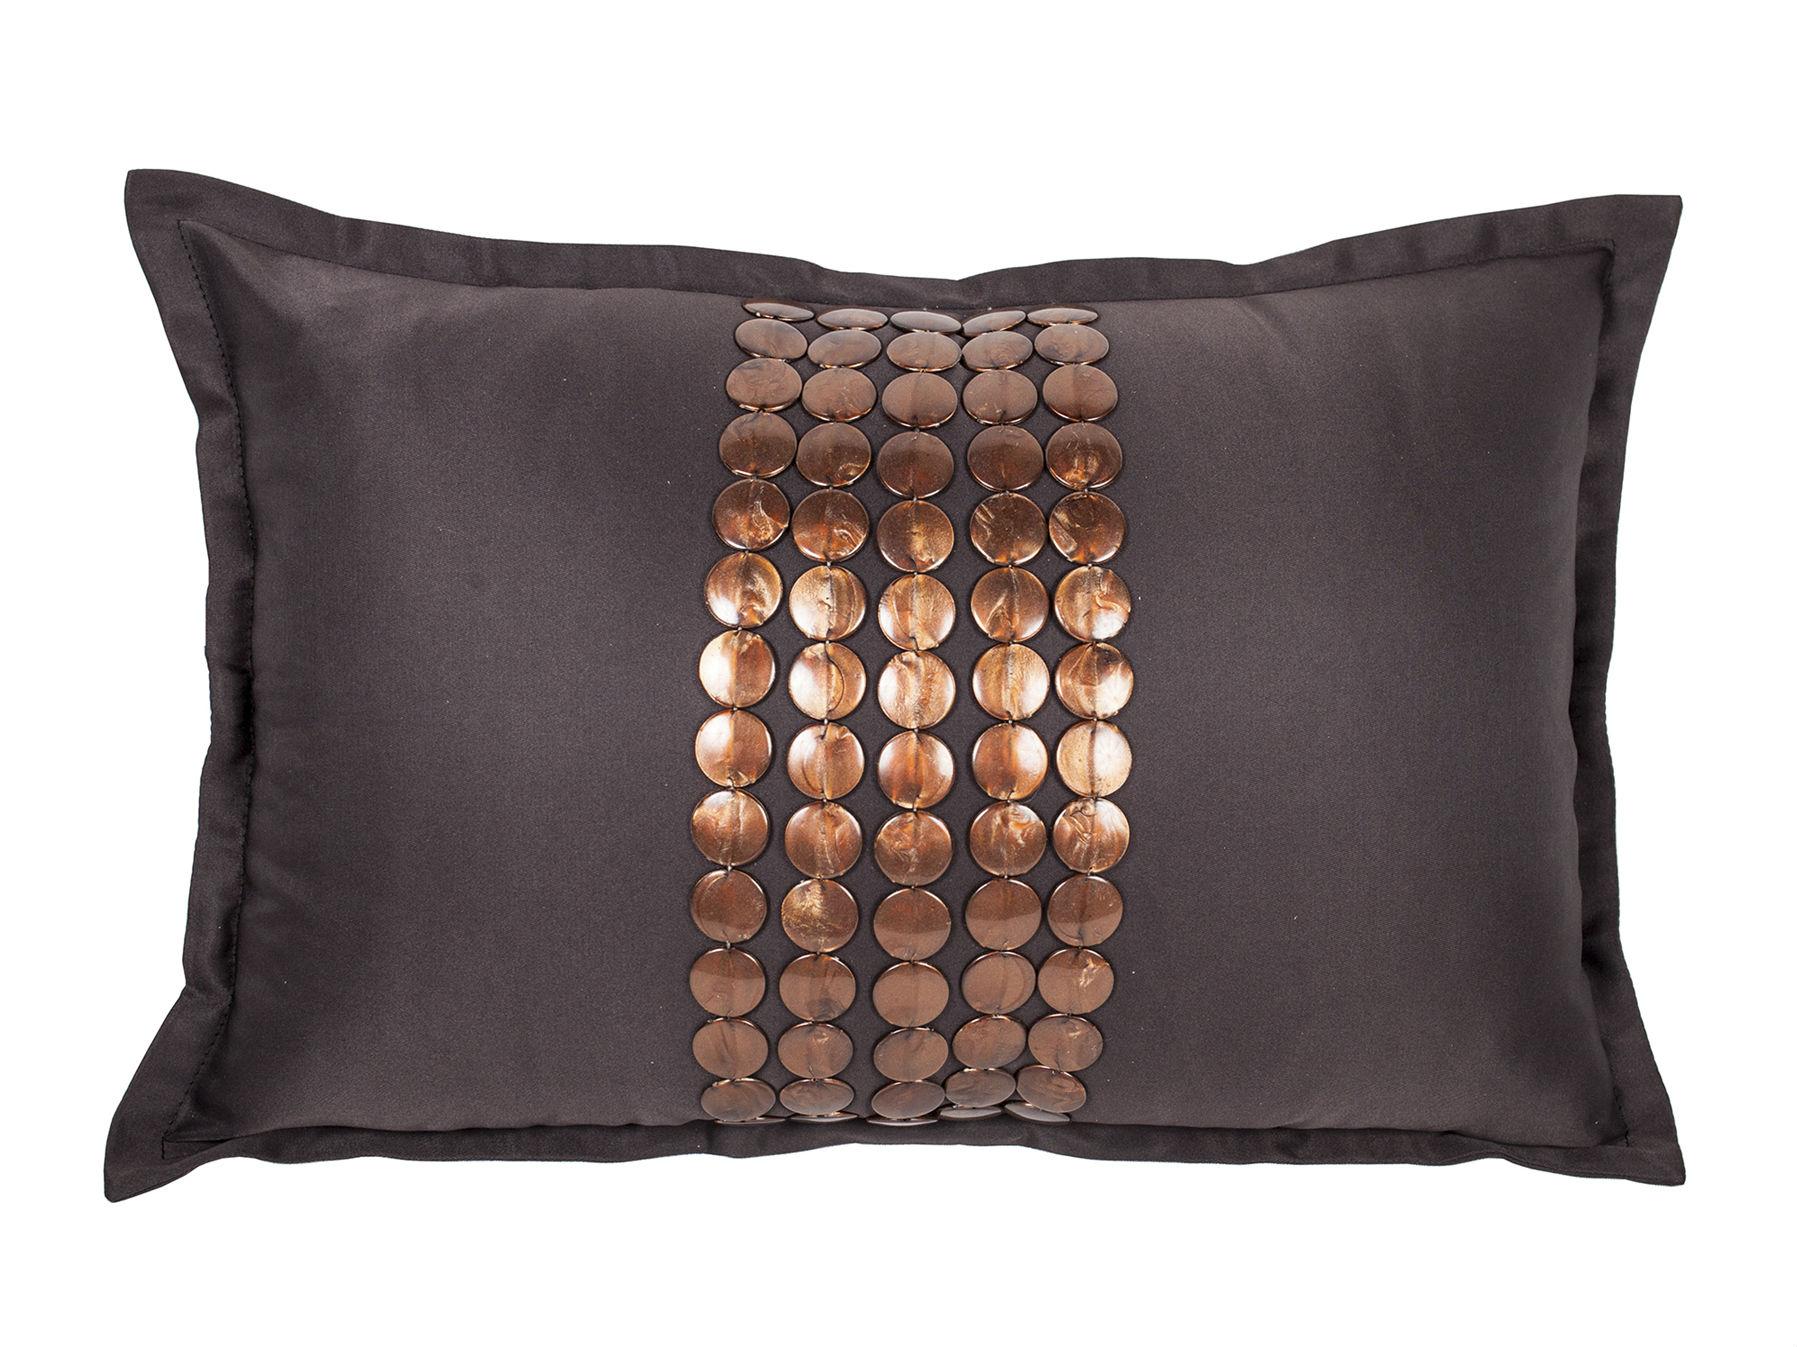 Декоративная подушка Handwork ExclusiveПрямоугольные подушки<br>Ручное декорирование.<br><br>Material: Сатин<br>Length см: None<br>Width см: 45<br>Depth см: 4<br>Height см: 30